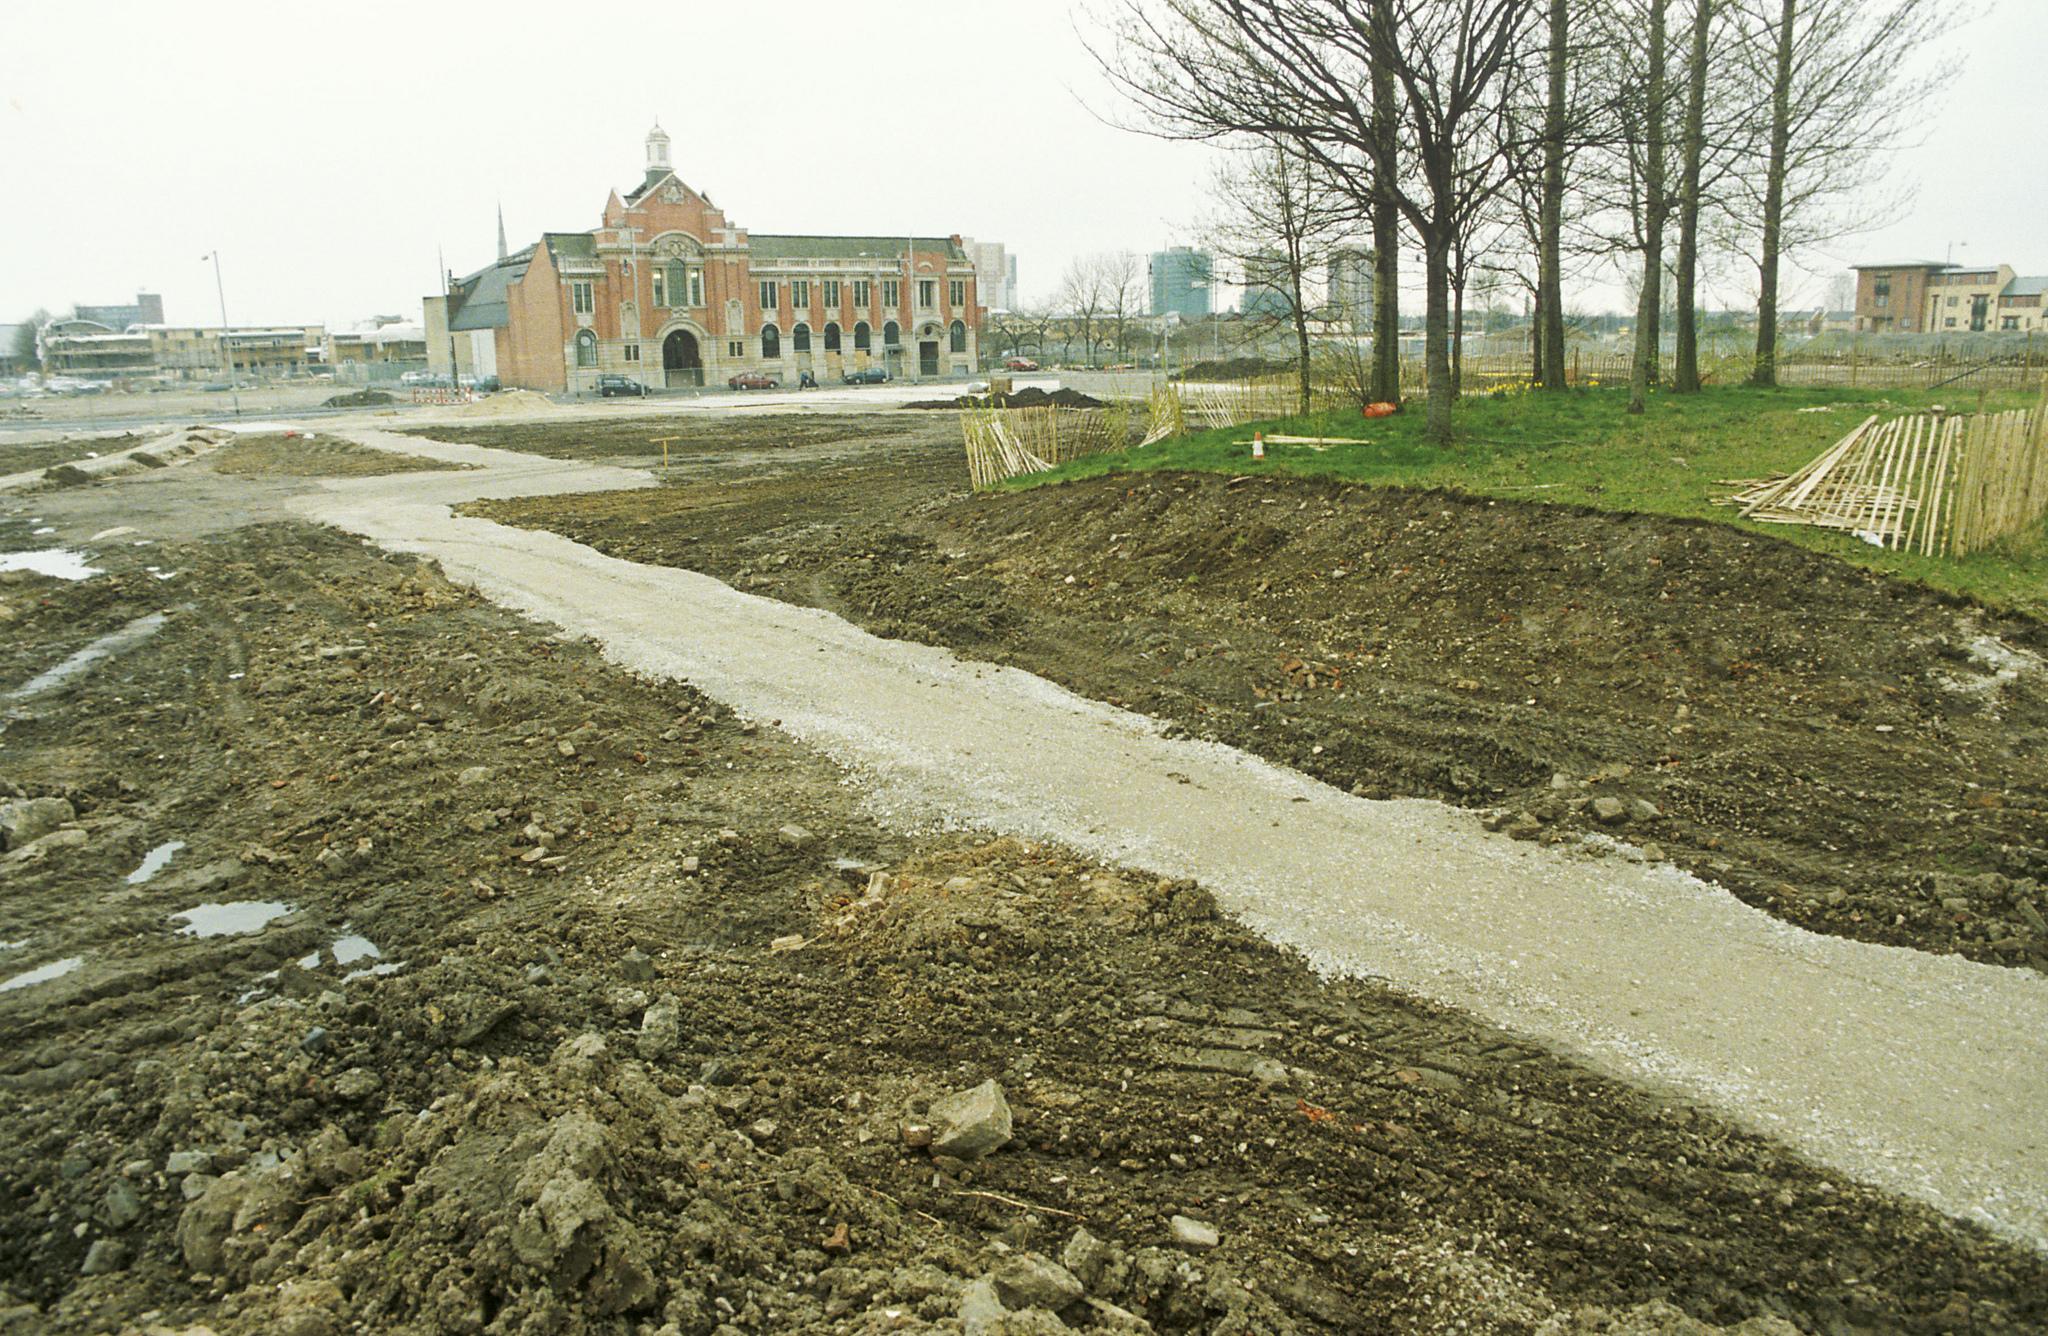 Hulme Park in 1997